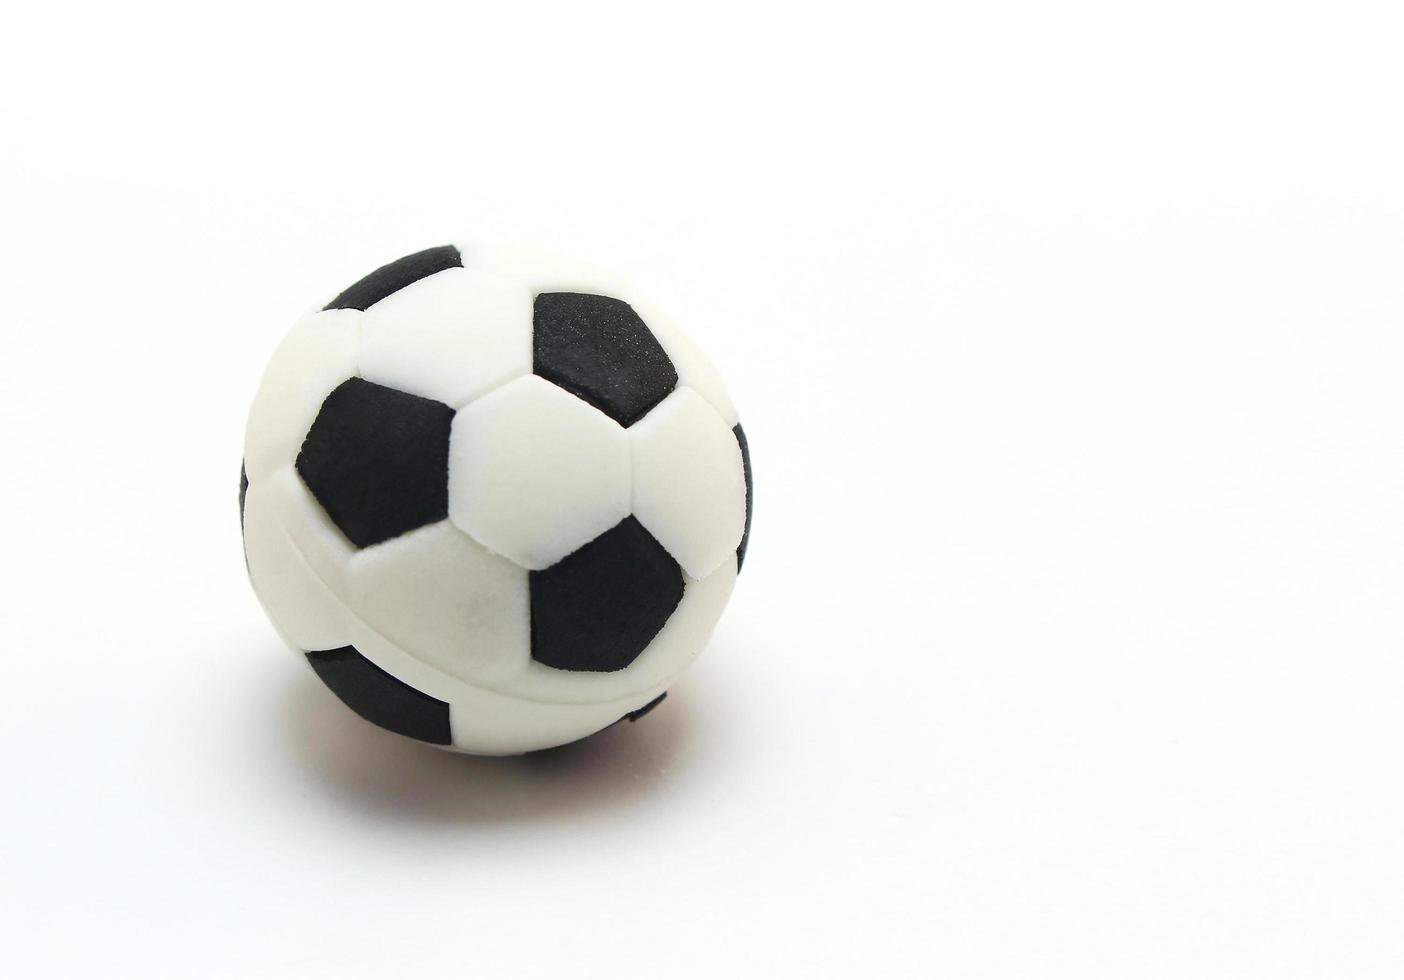 pallone da calcio su sfondo bianco foto